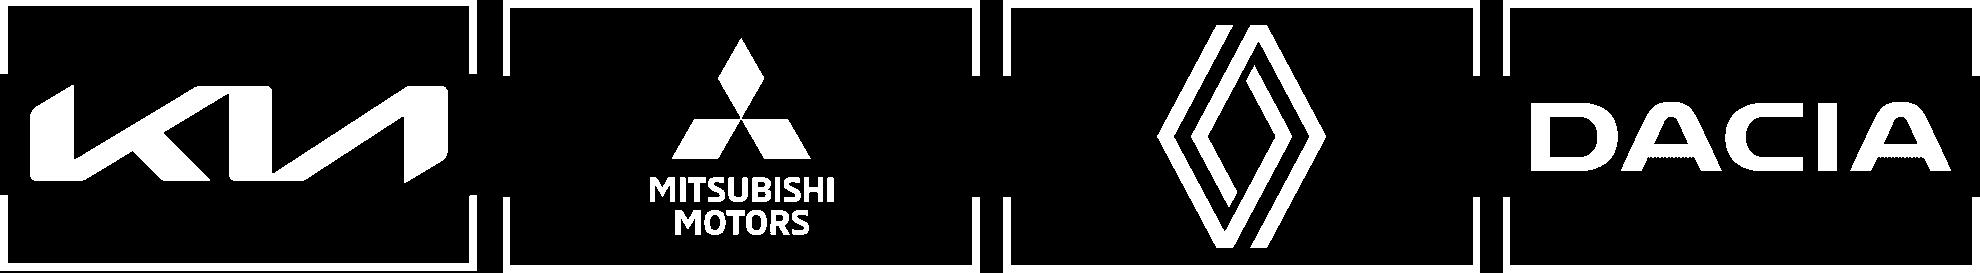 CC Nova Ag Partner Logos von KIA Mitsubishi Renault und Dacia in weiss